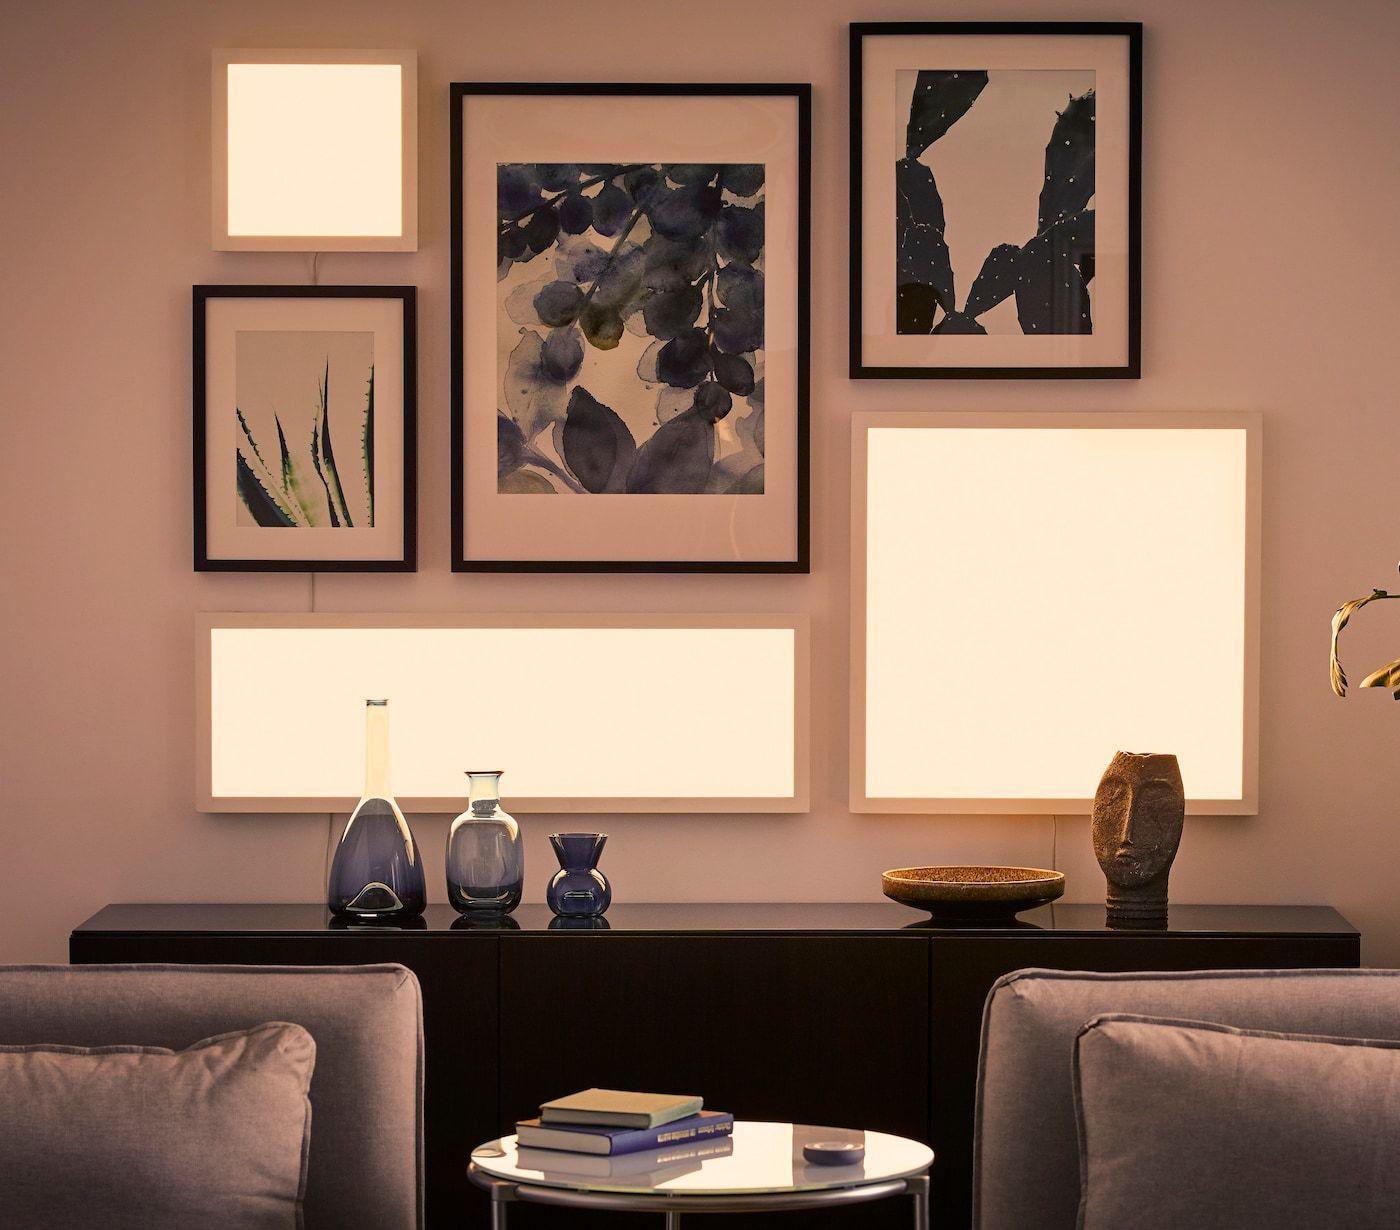 Tradfri Ikea Home Smart Beleuchtung Beleuchtung Led Leuchtmittel Ikea